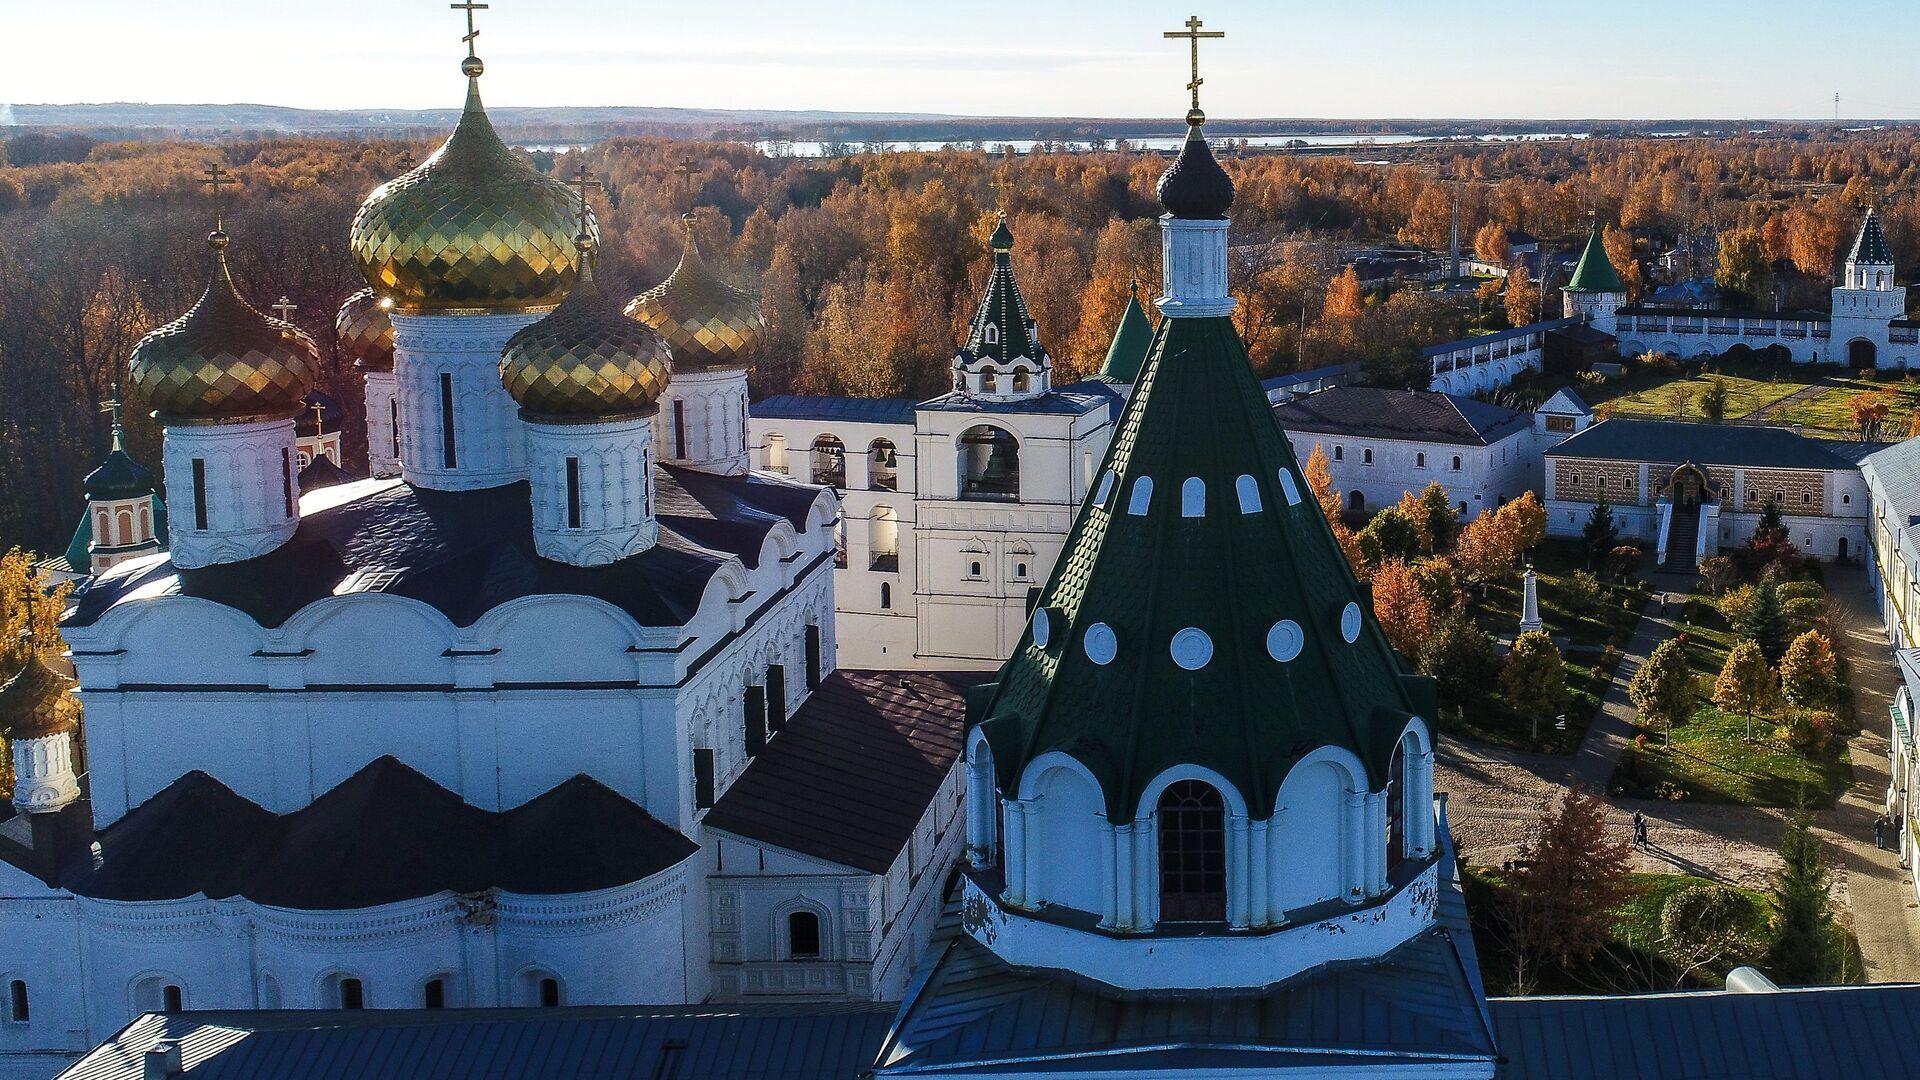 Свято-Троицкий Ипатьевский монастырь в Костроме - РИА Новости, 1920, 15.04.2021